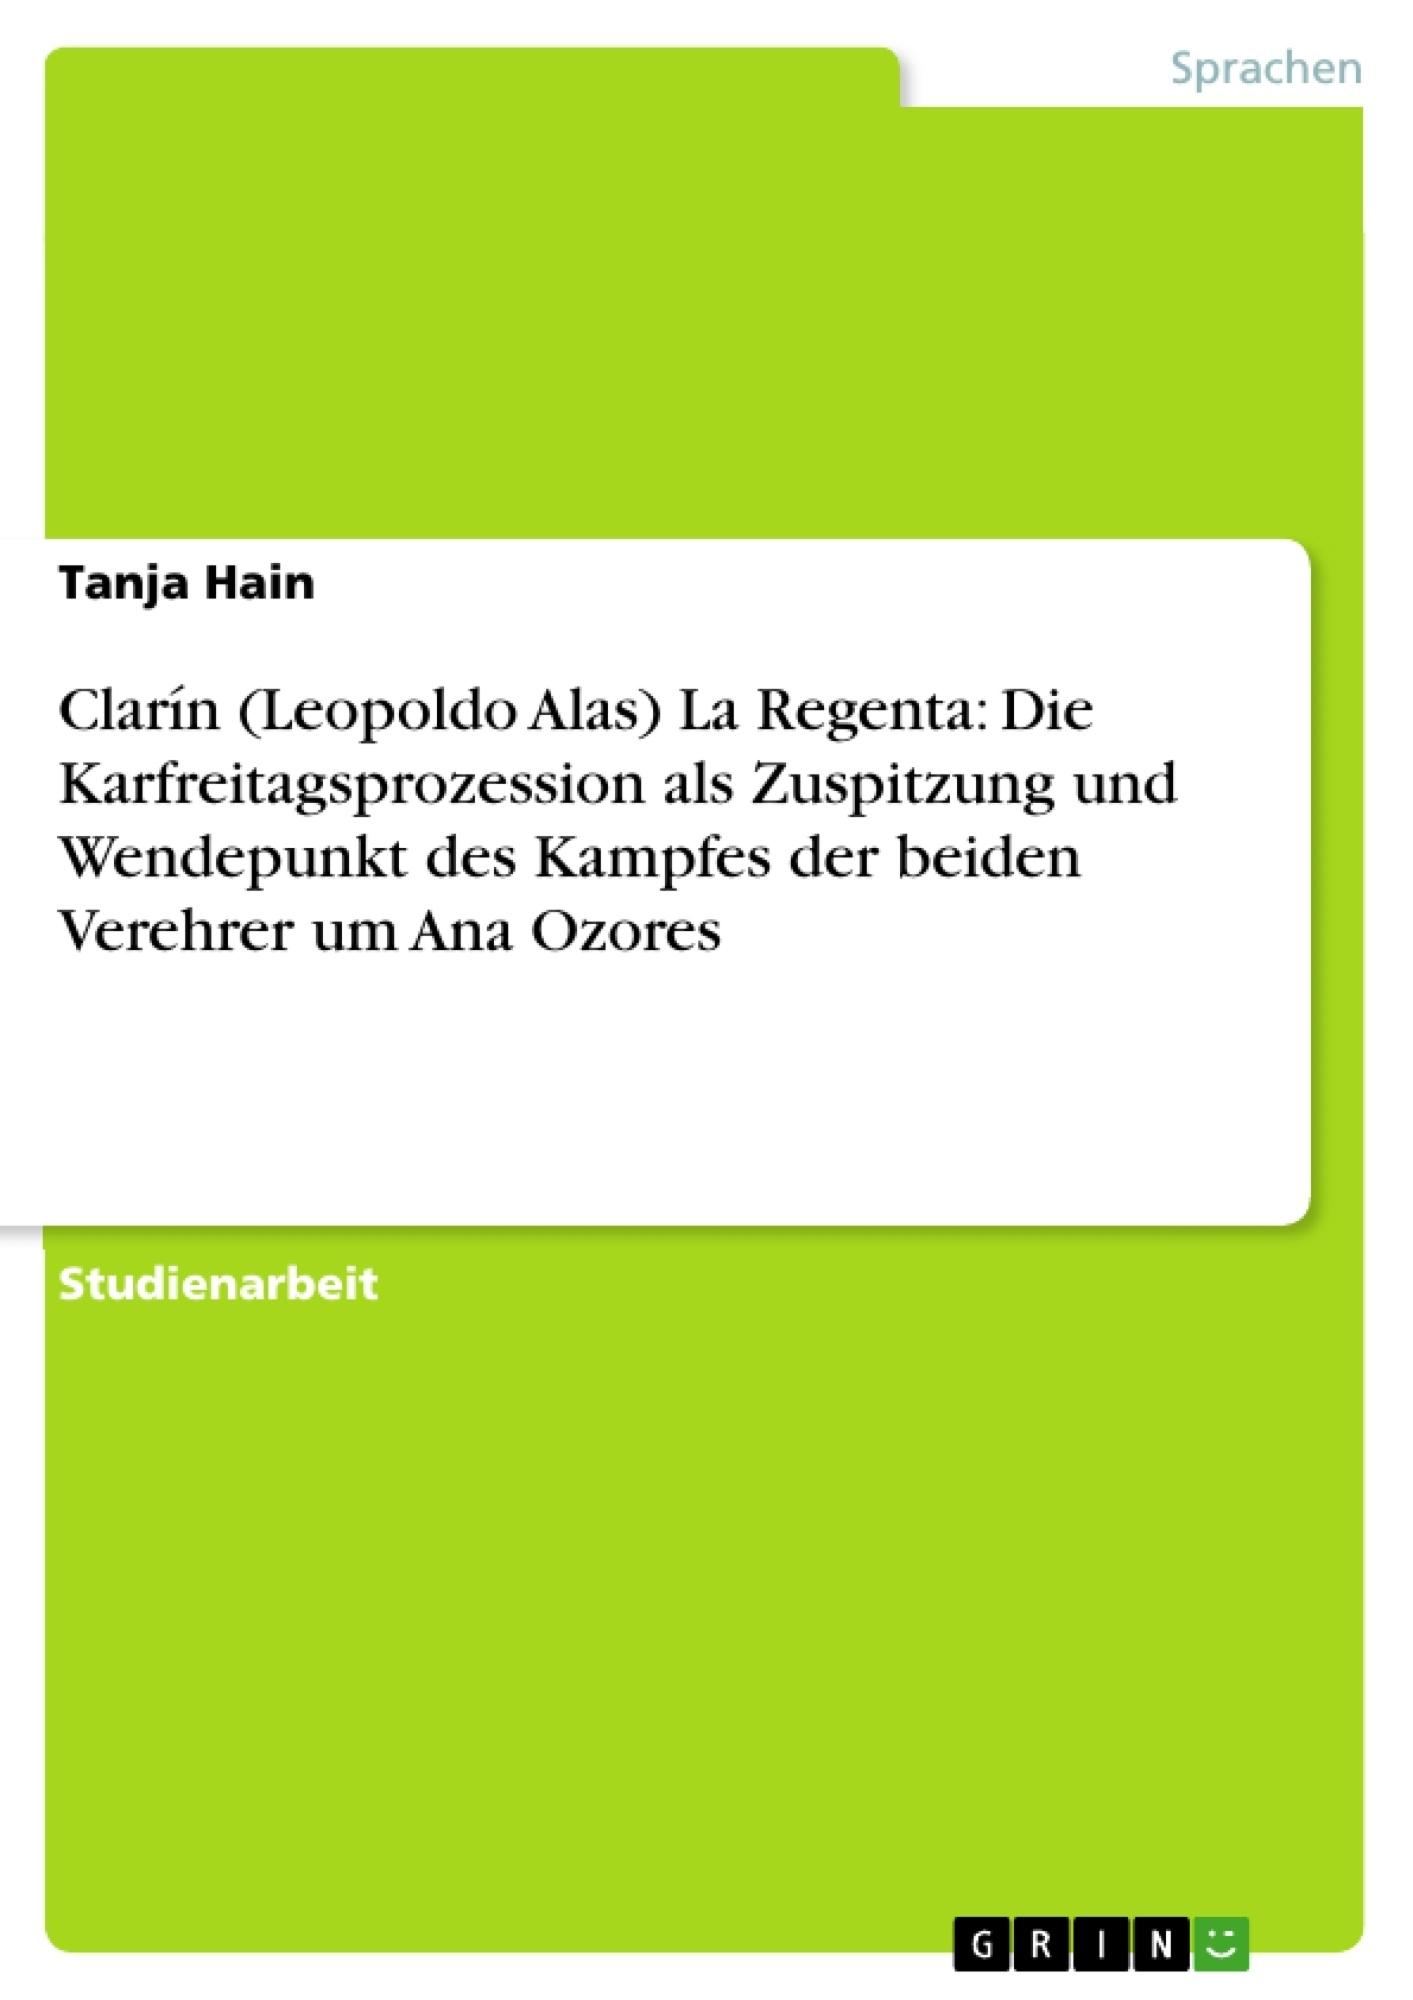 Titel: Clarín (Leopoldo Alas) La Regenta: Die Karfreitagsprozession als Zuspitzung und Wendepunkt des Kampfes der beiden Verehrer um Ana Ozores